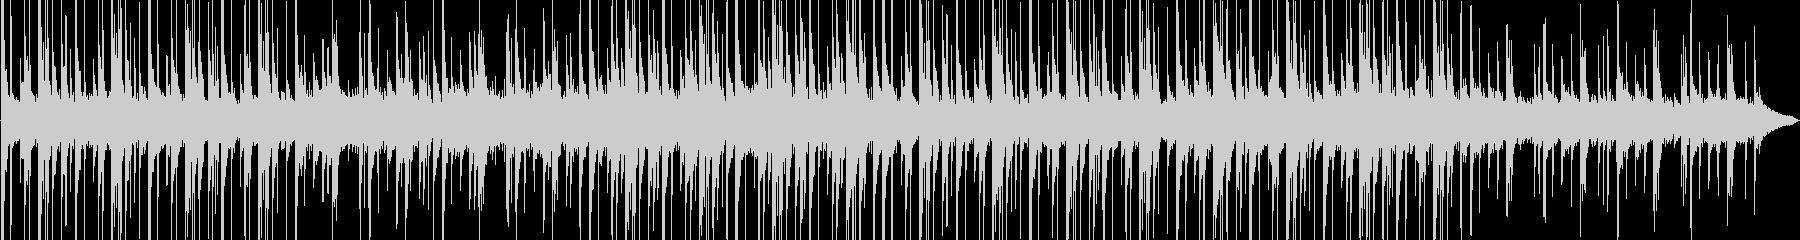 和風なアートミュージアムのBGMの未再生の波形